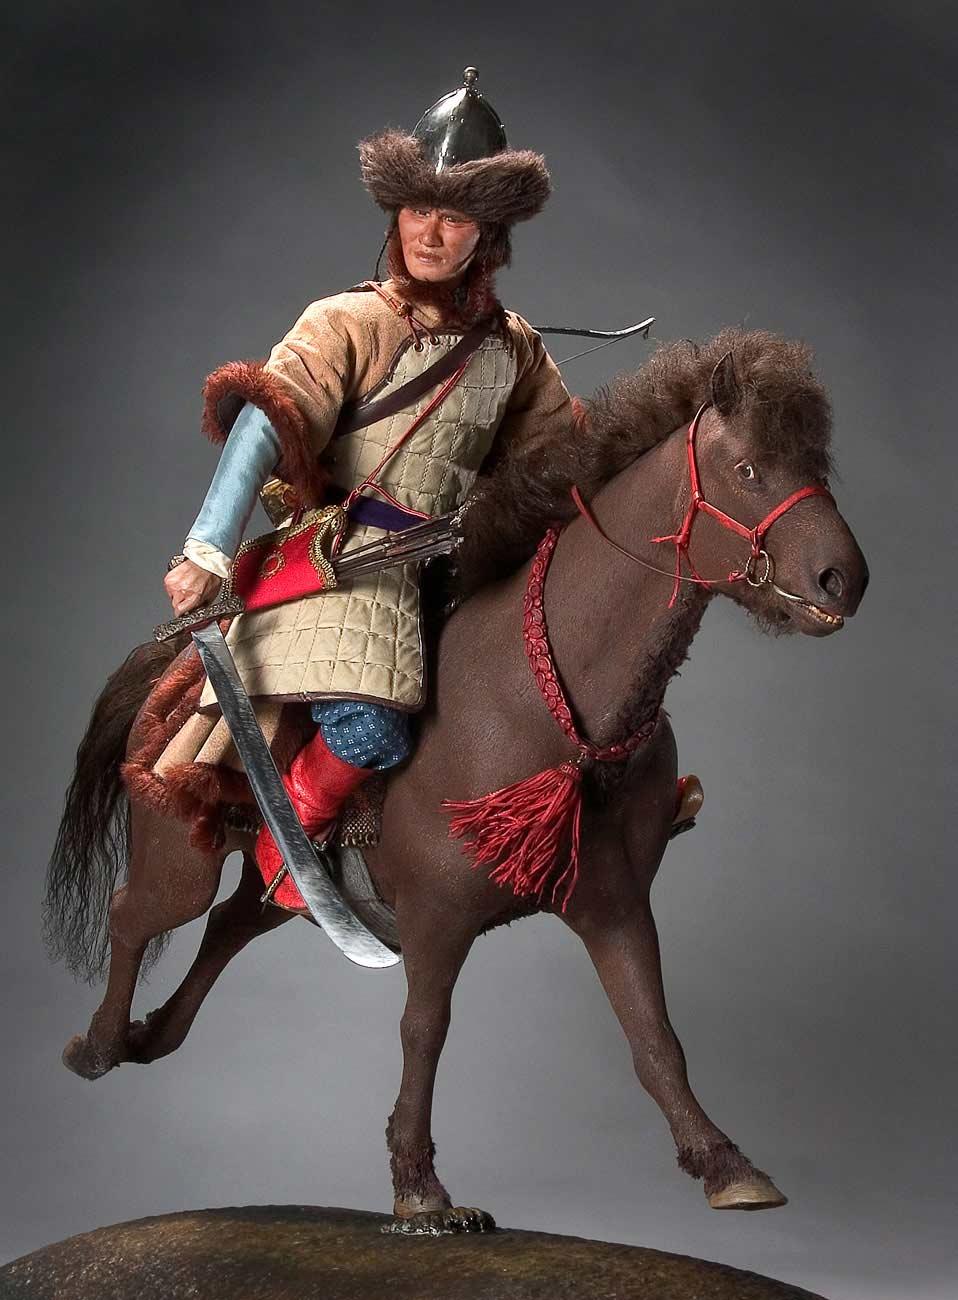 Full length color image of Attila the Hun aka.